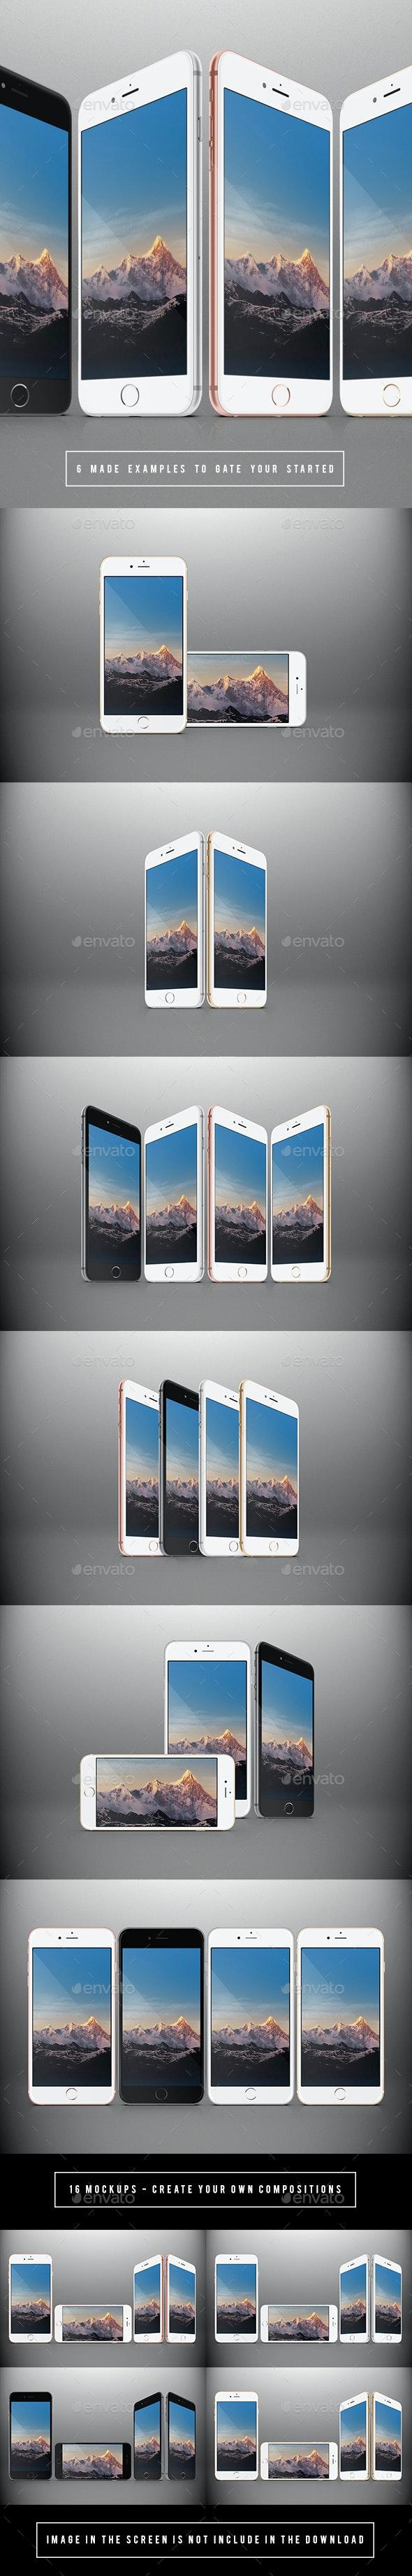 Responsive Phones Mockups Pack - Mobile Displays